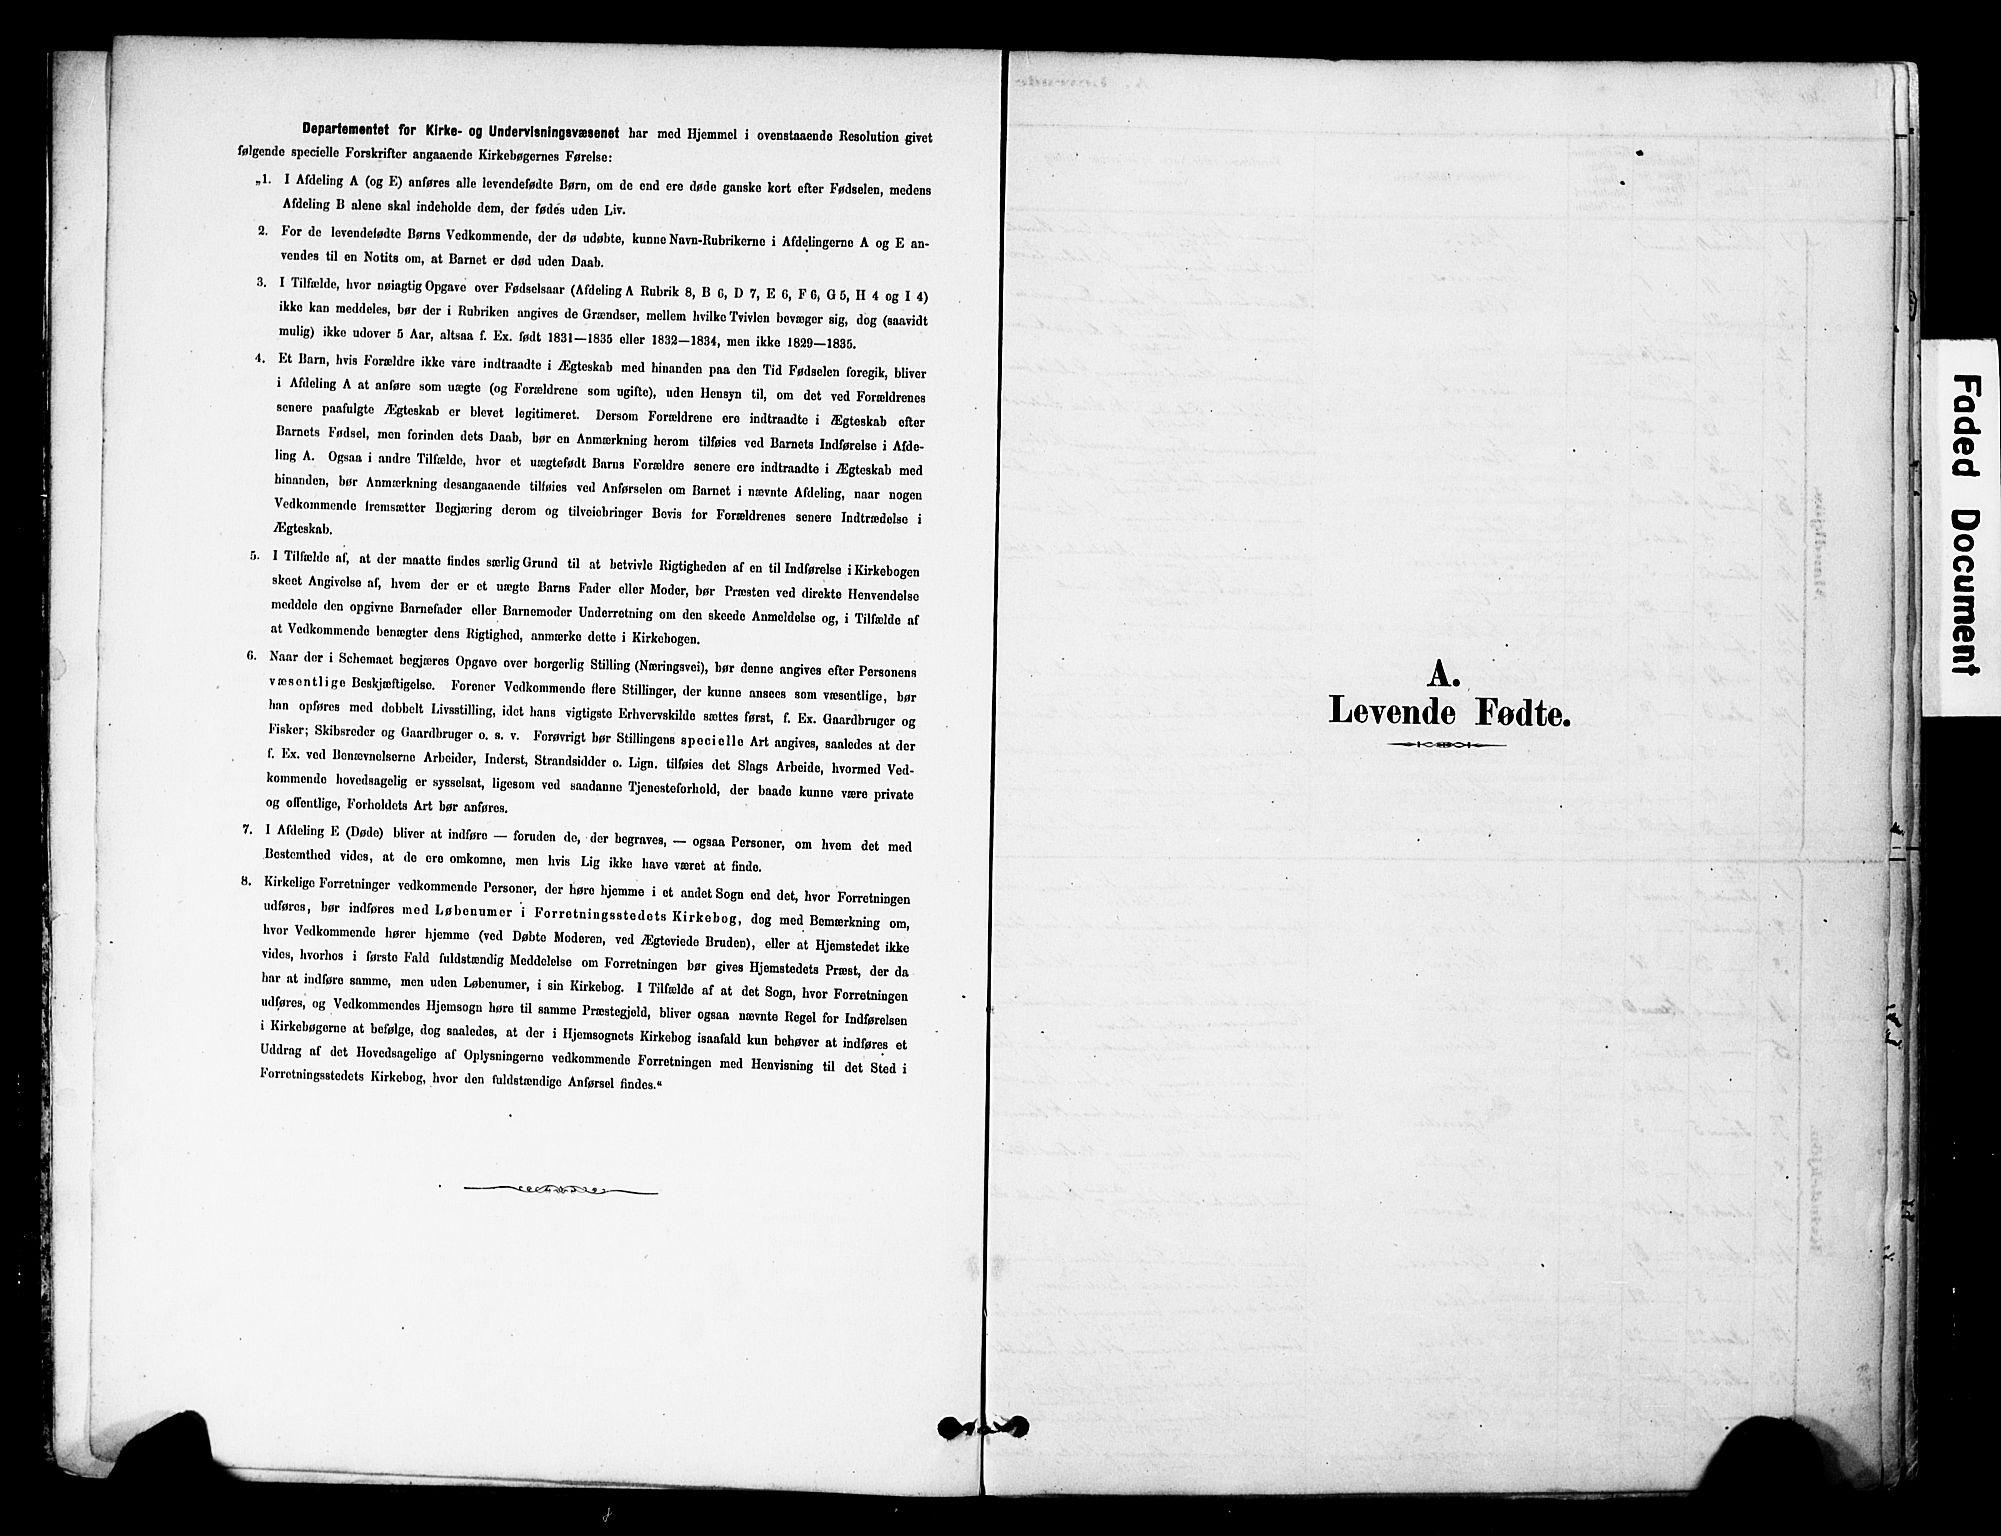 SAH, Øyer prestekontor, Ministerialbok nr. 9, 1878-1893